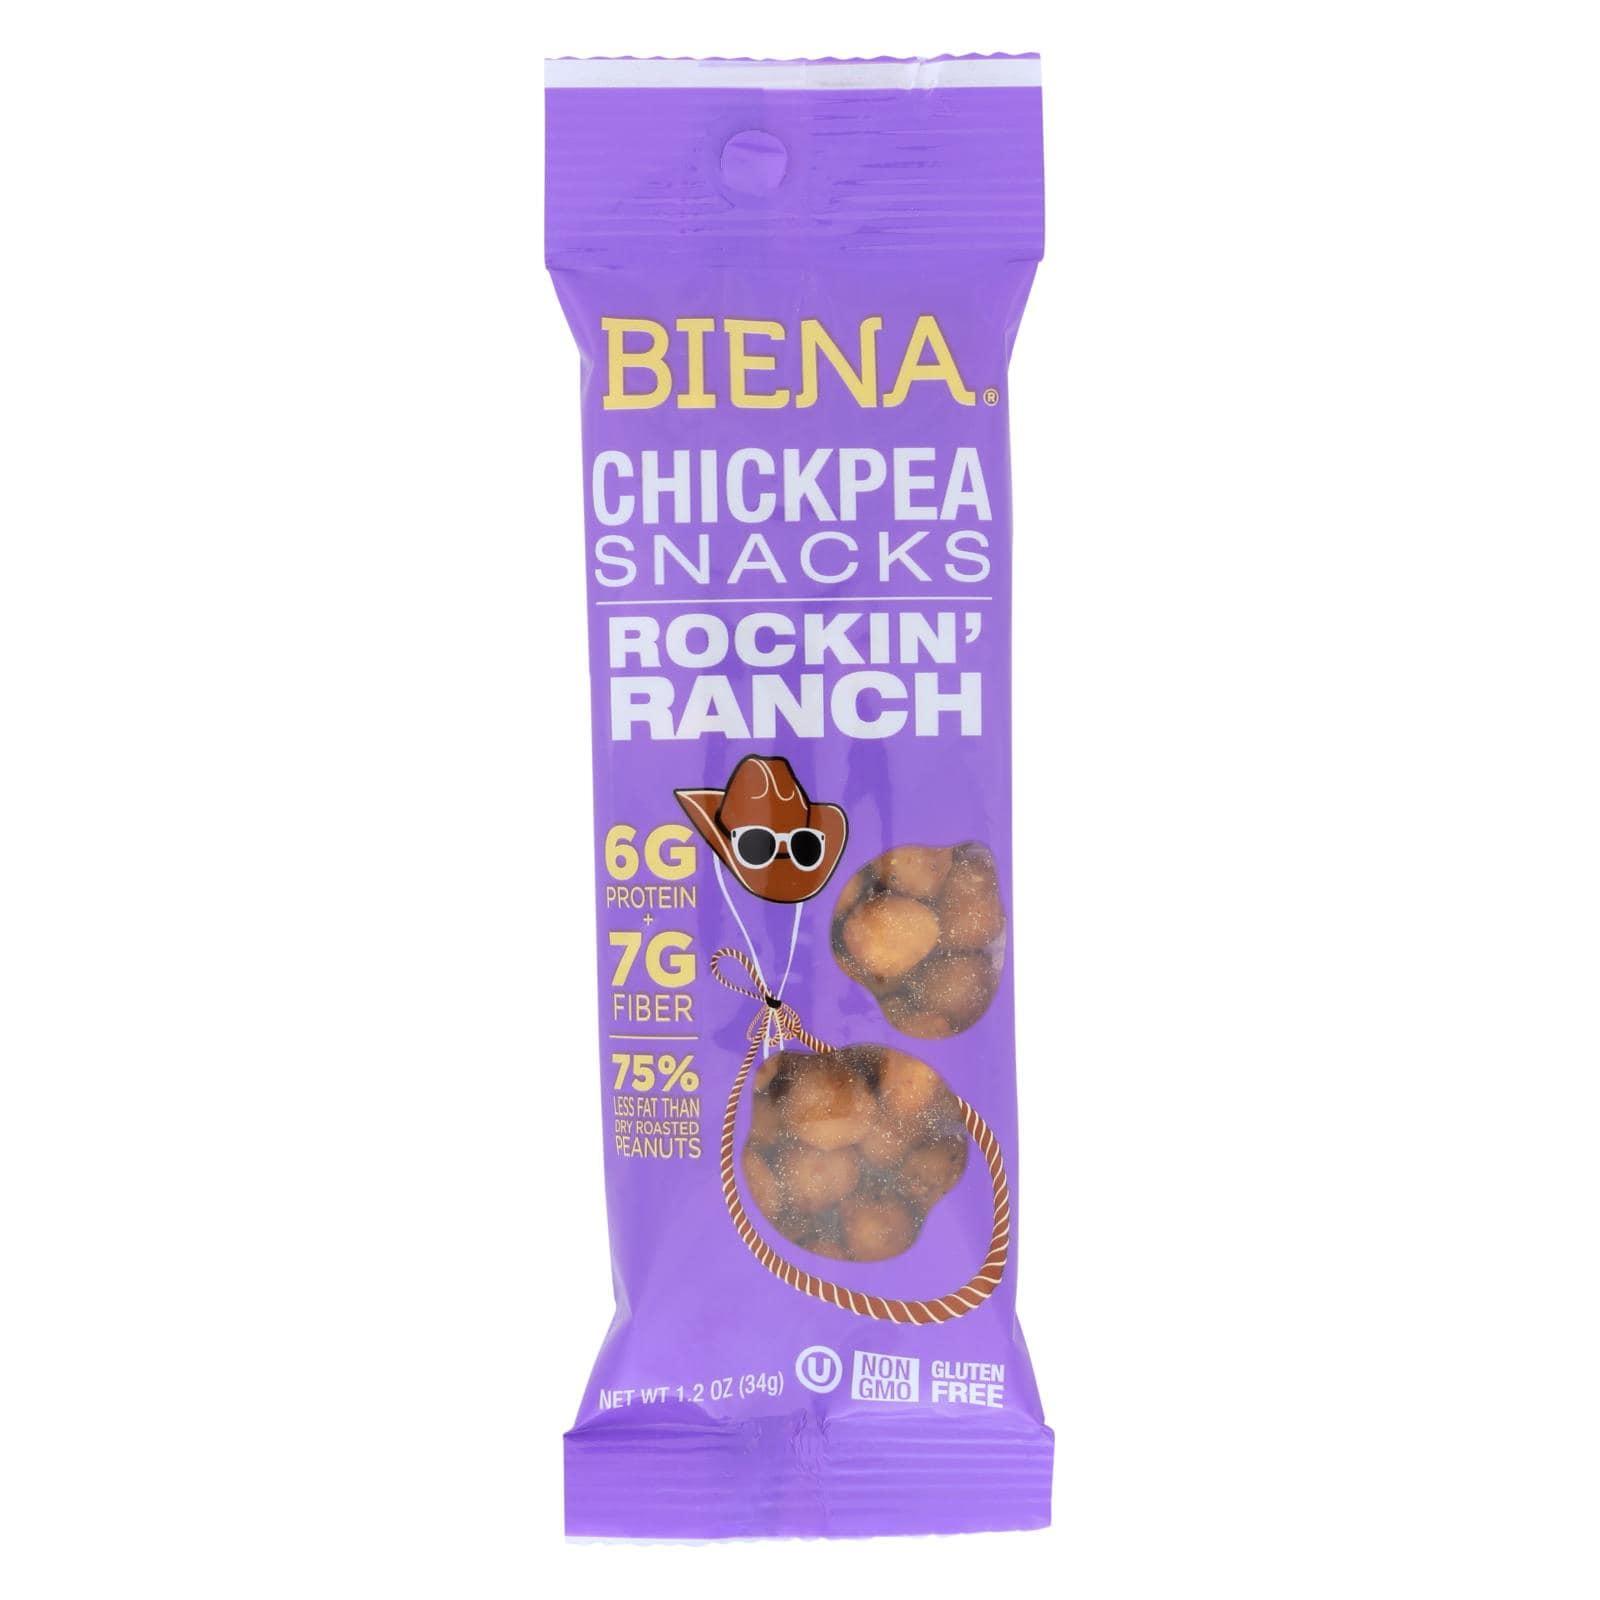 Biena Chickpea Snacks - Rockin' Ranch